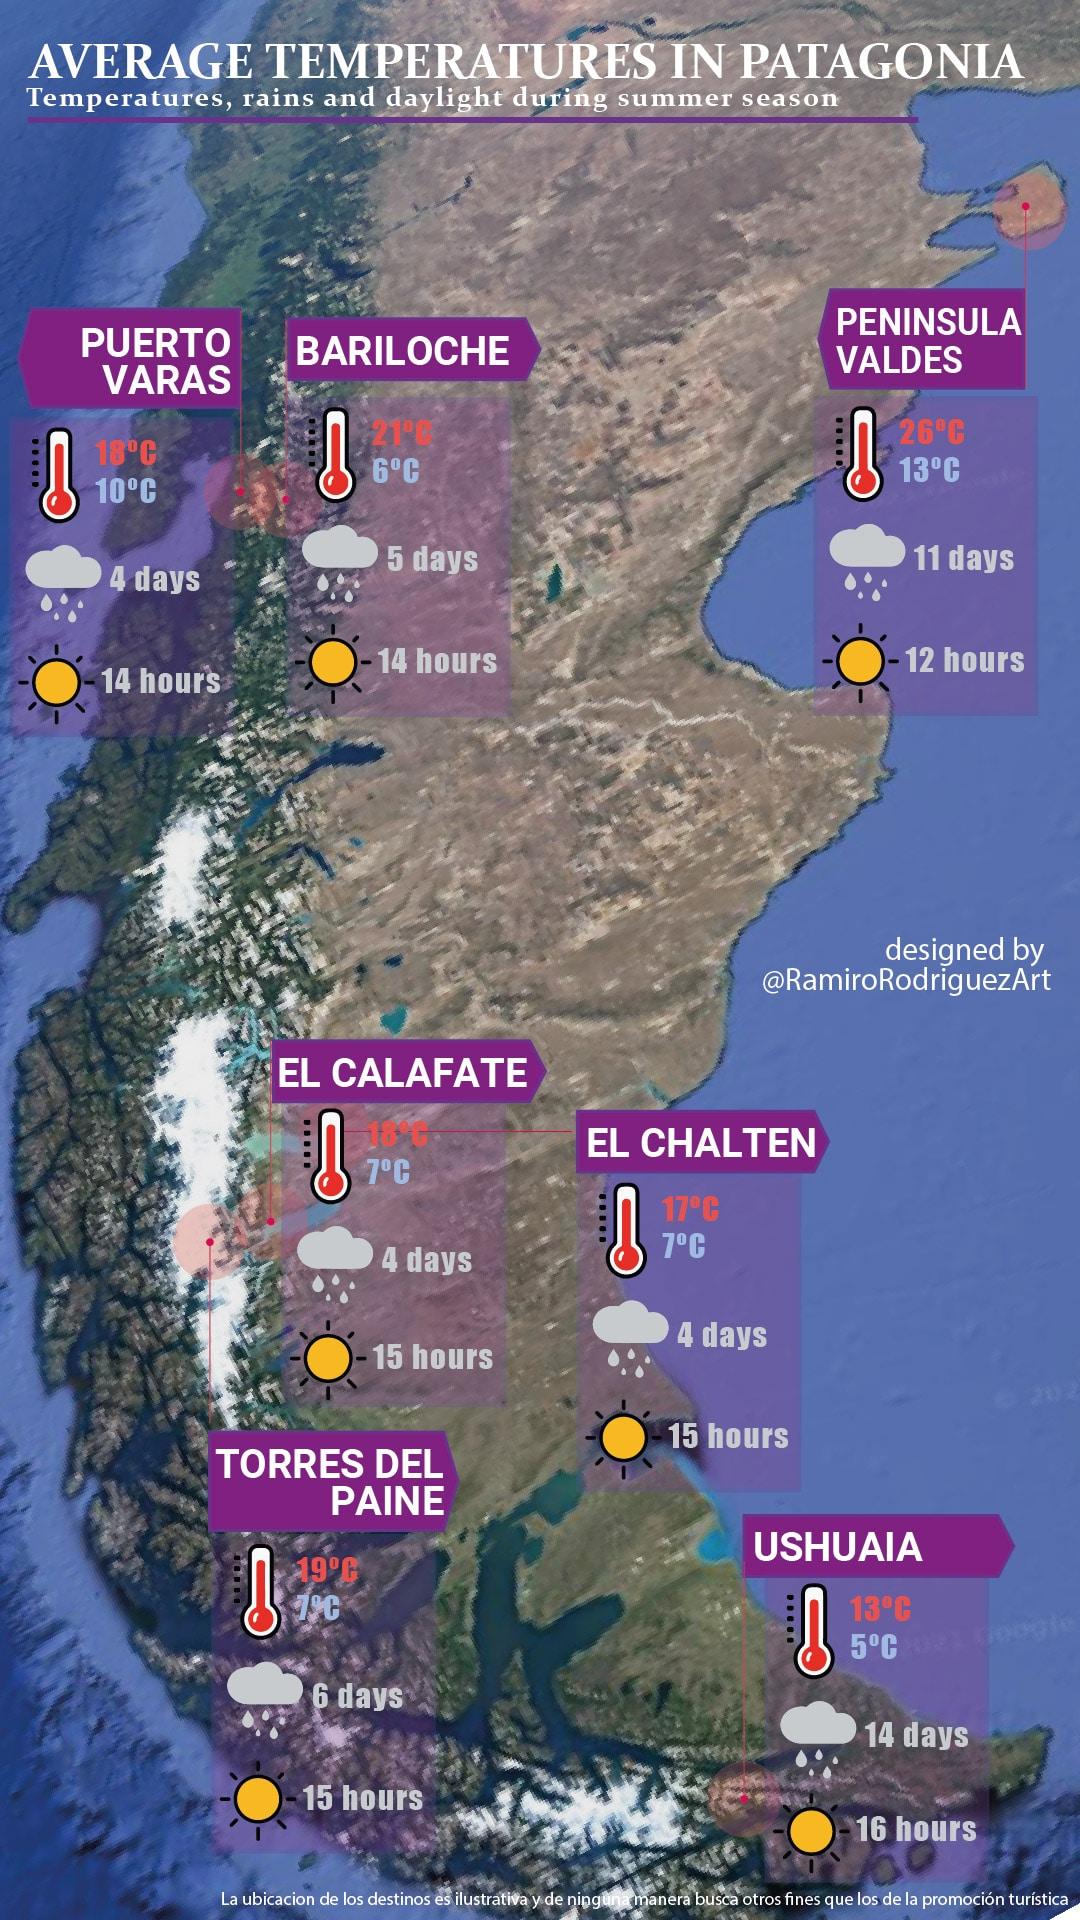 average temperatures in patagonia